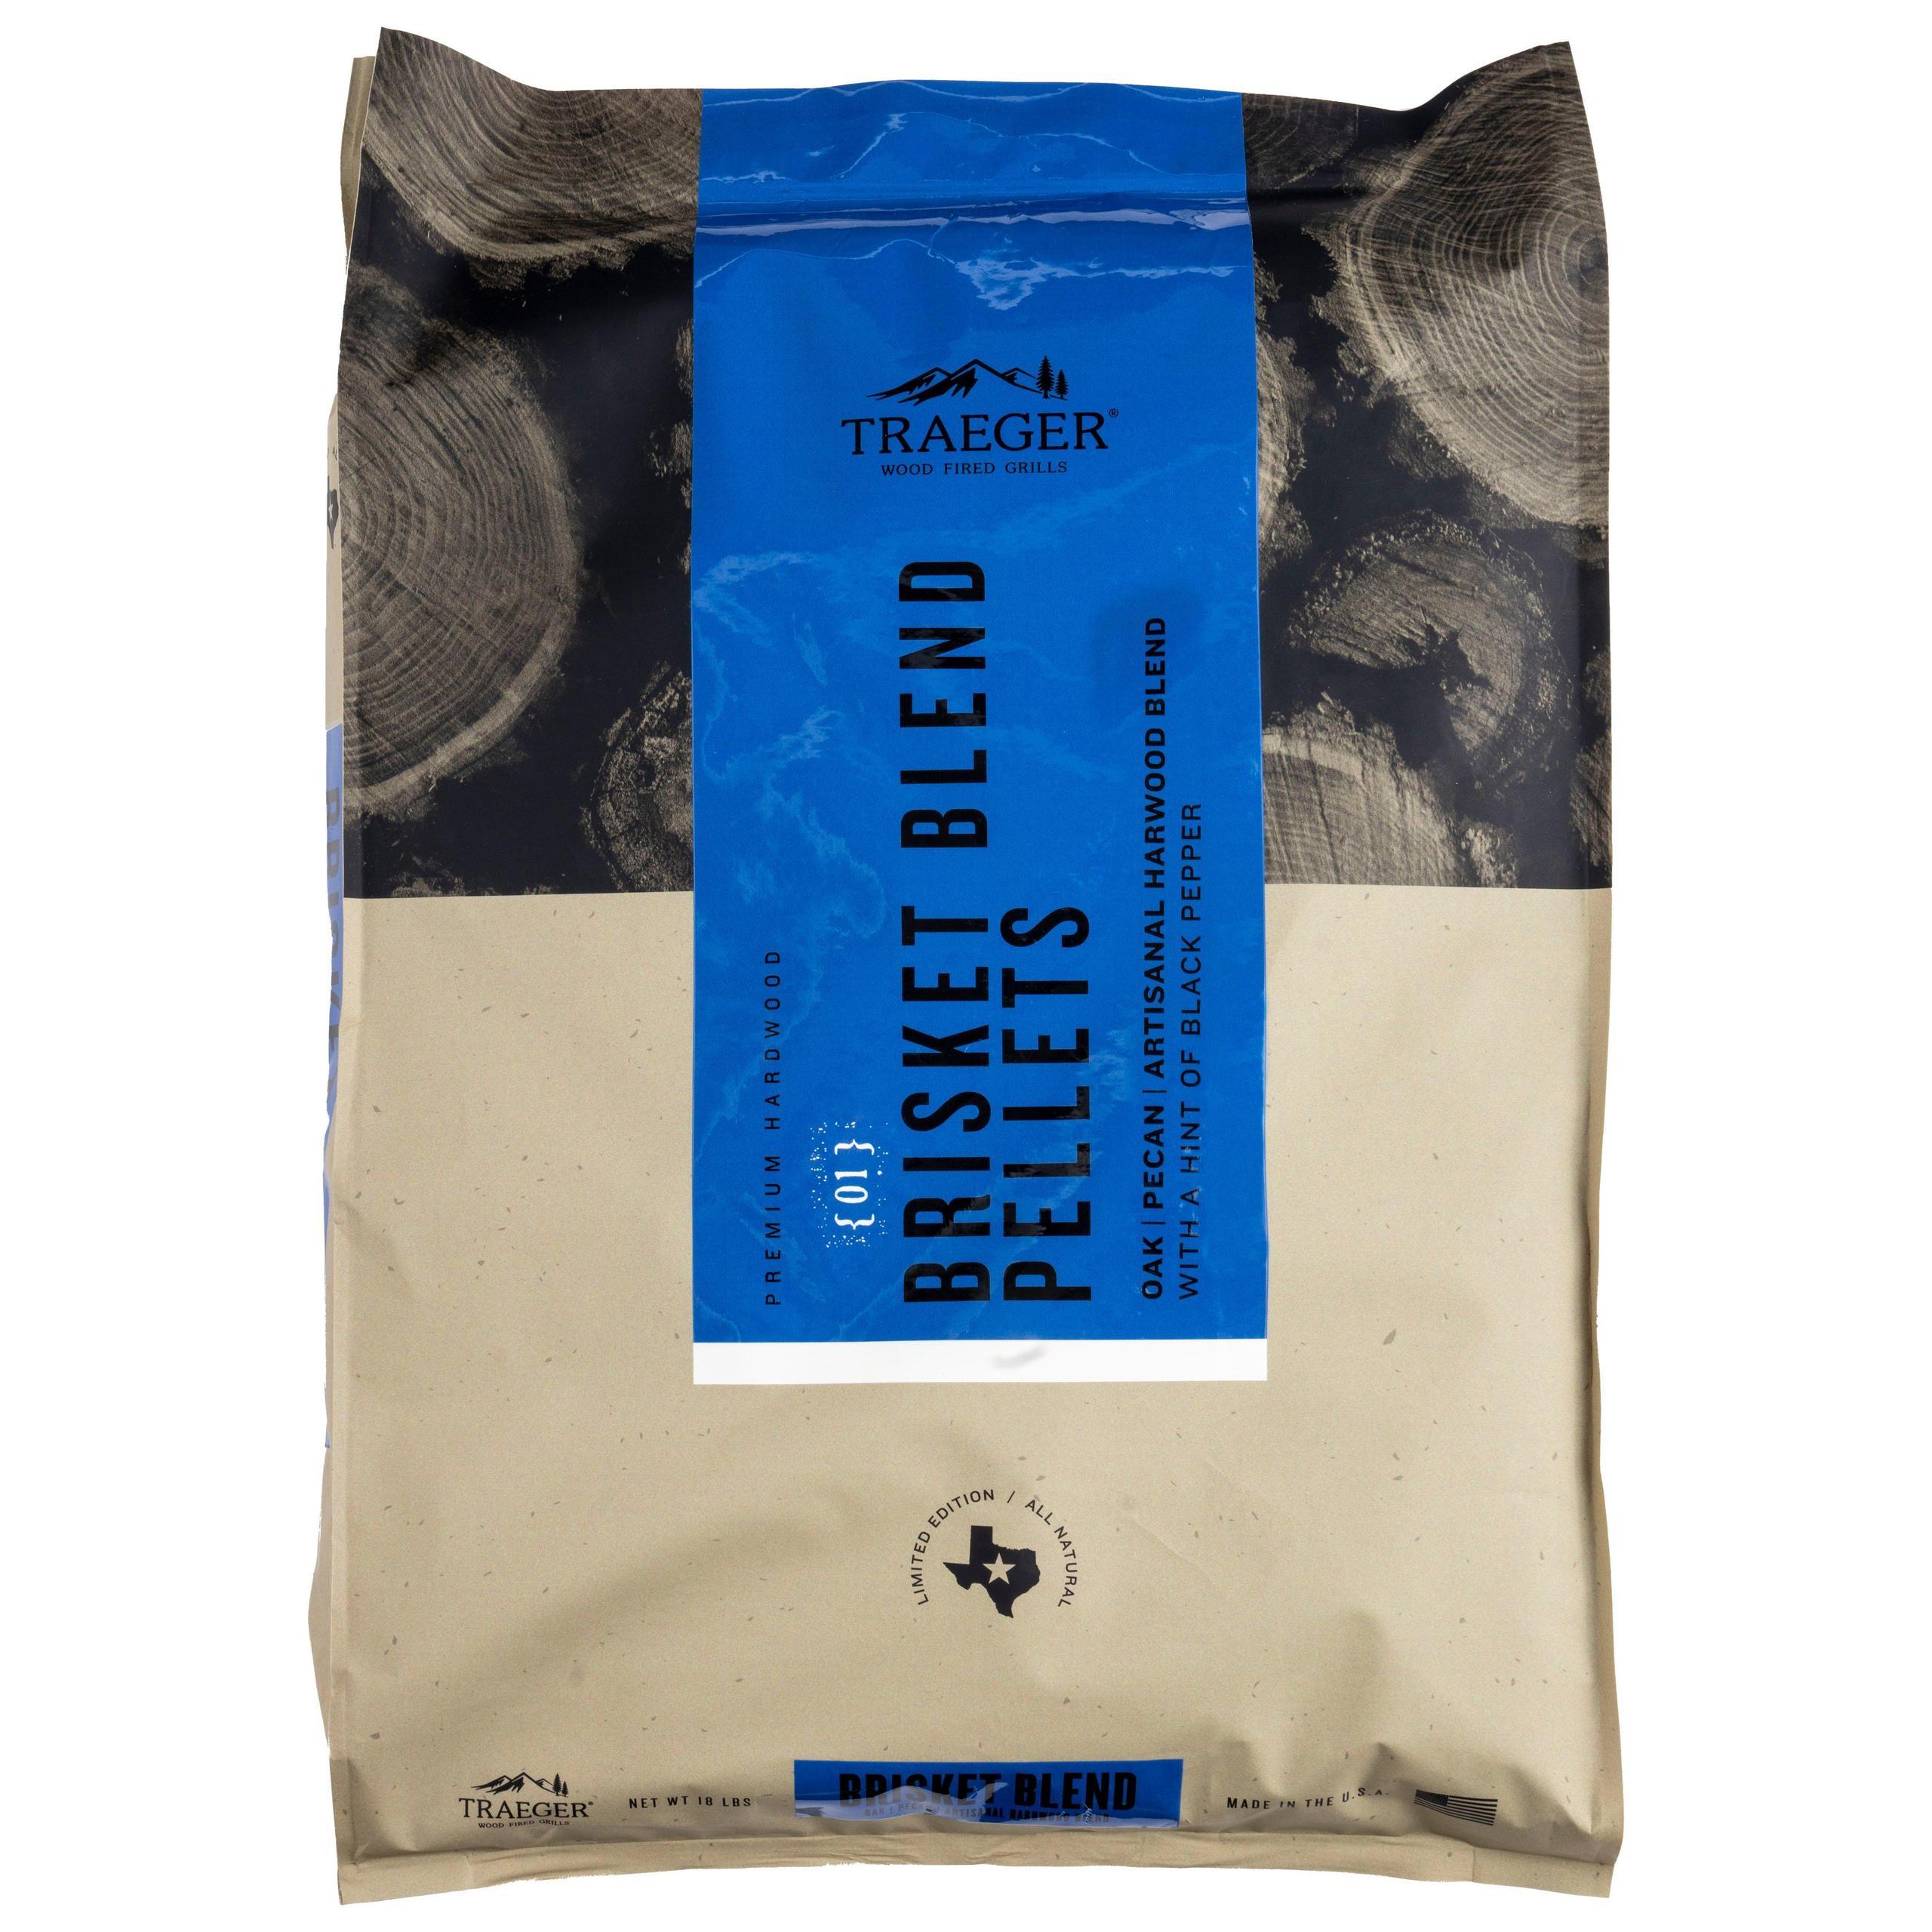 Traeger Brisket Blend Wood Pellets - Limited Edition